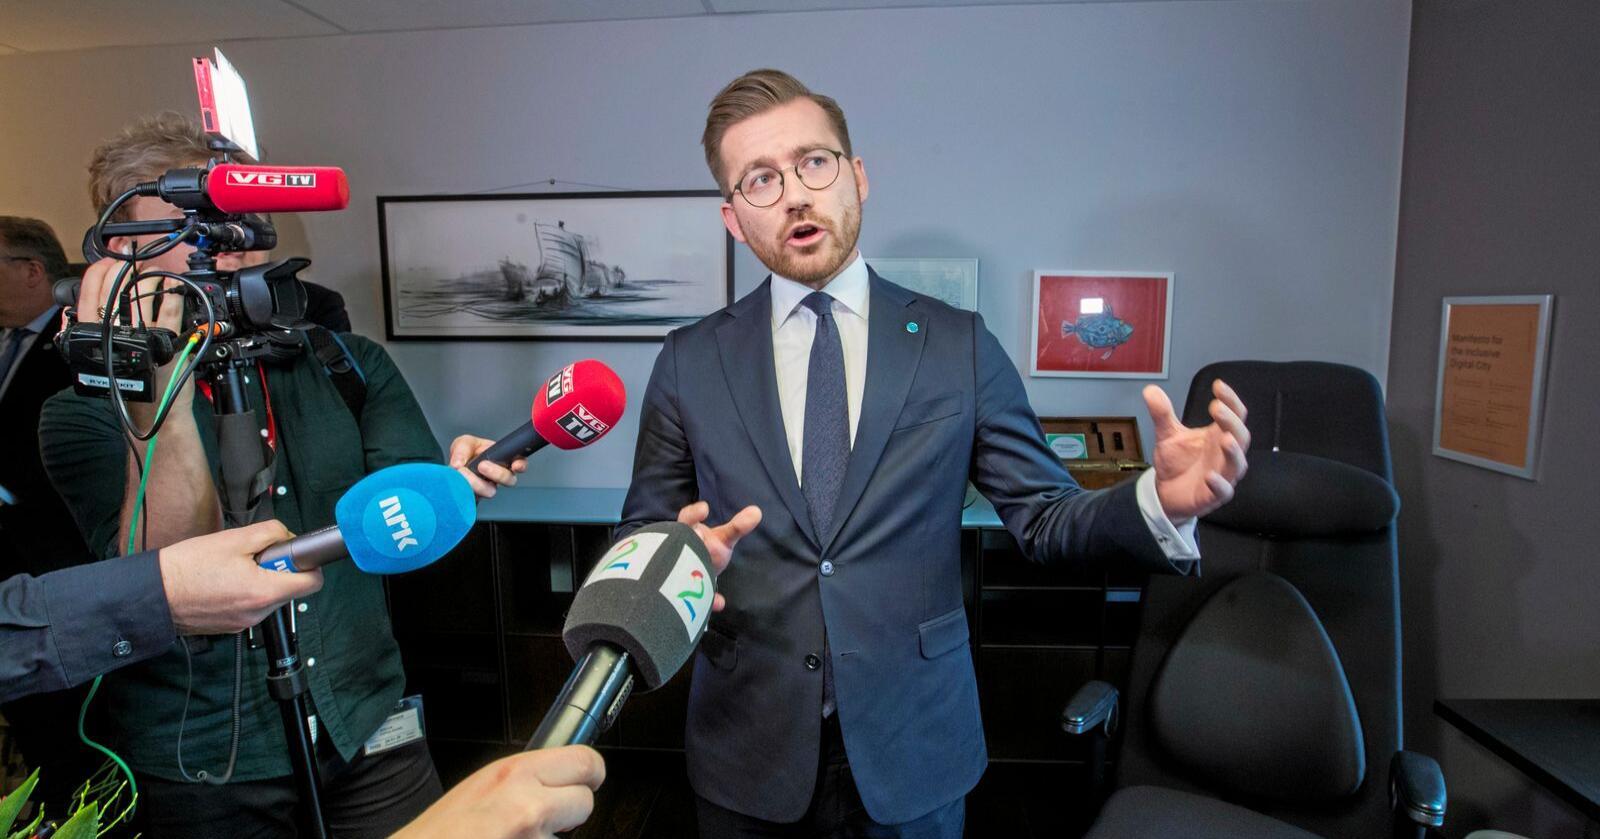 Sveinung Rotevatn blir ny klima- og miljøminister, og får dermed ansvar for blant annet rovdyrpolitikken. Foto: Terje Pedersen / NTB scanpix